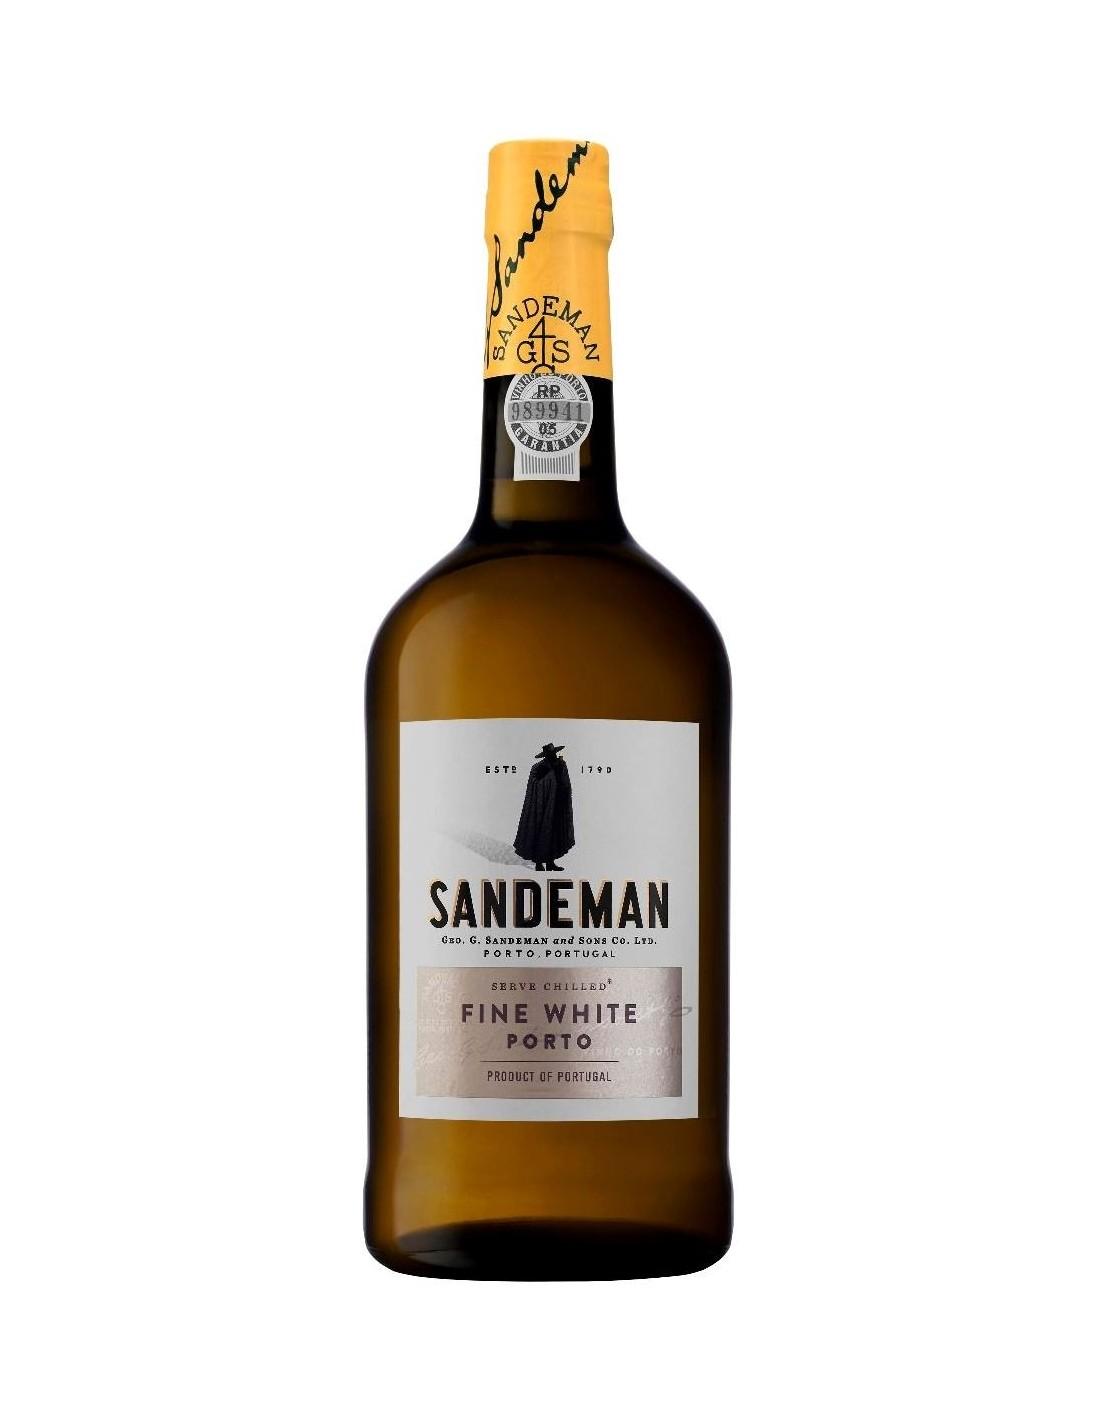 Vin porto alb, Cupaj, Sandeman White Porto, 0.75L, 19.5% alc., Portugalia